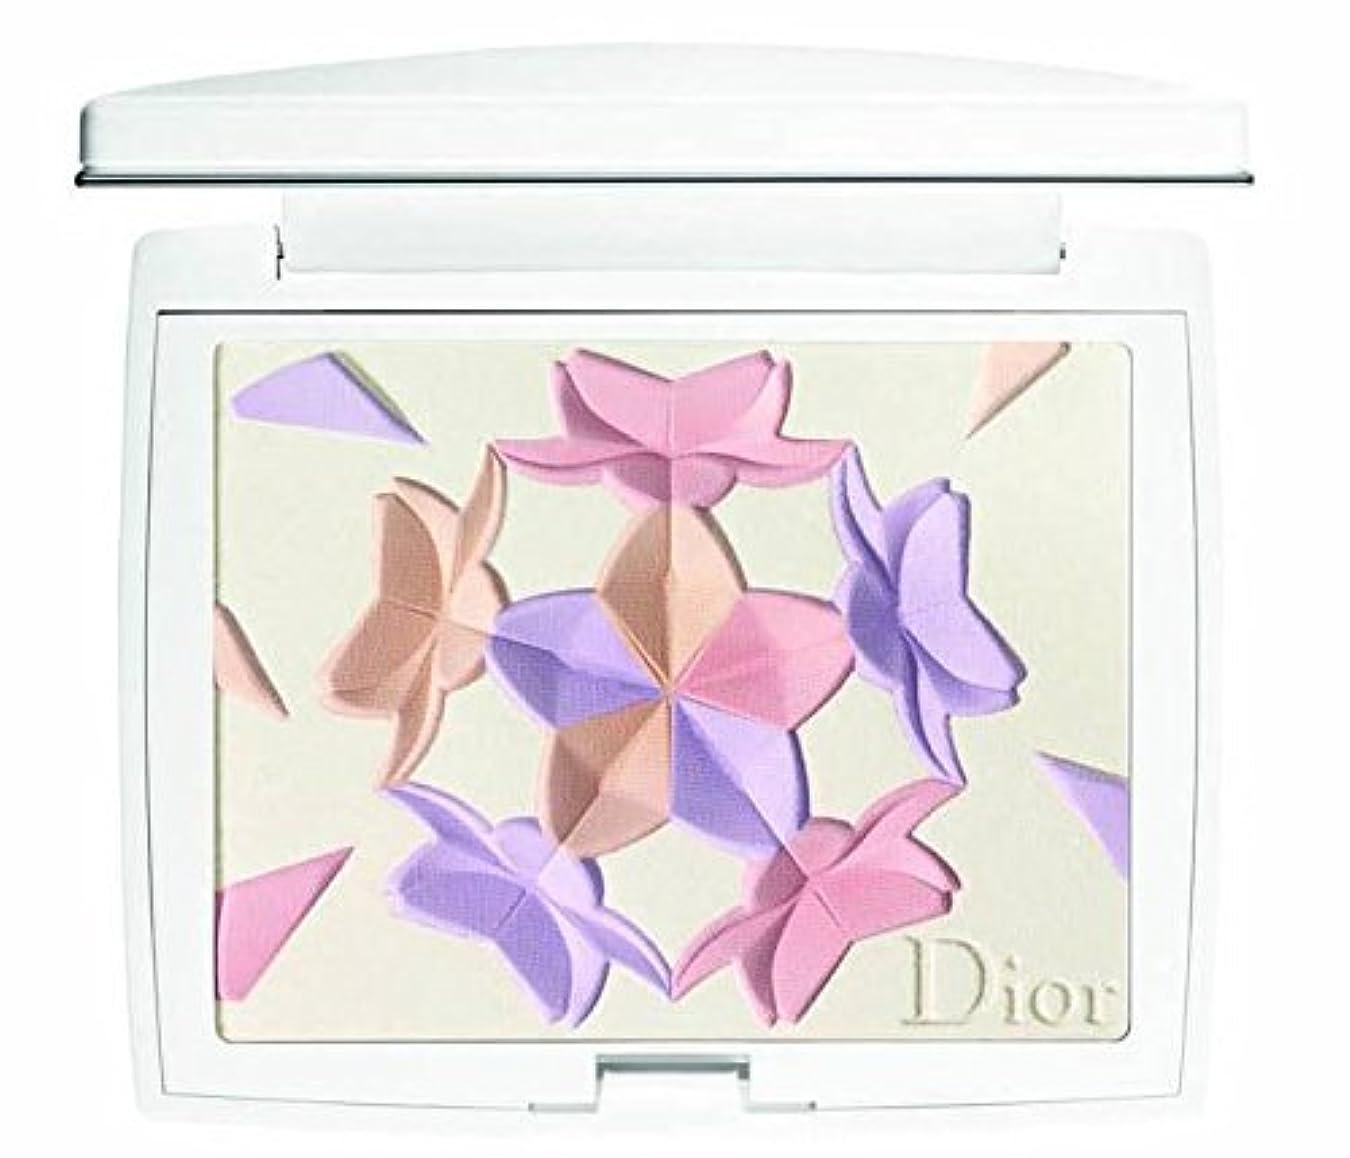 性交哀資産Dior(ディオール) スノー ブラッシュ&ブルーム パウダー(限定品) (#003:スイート ラベンダー)